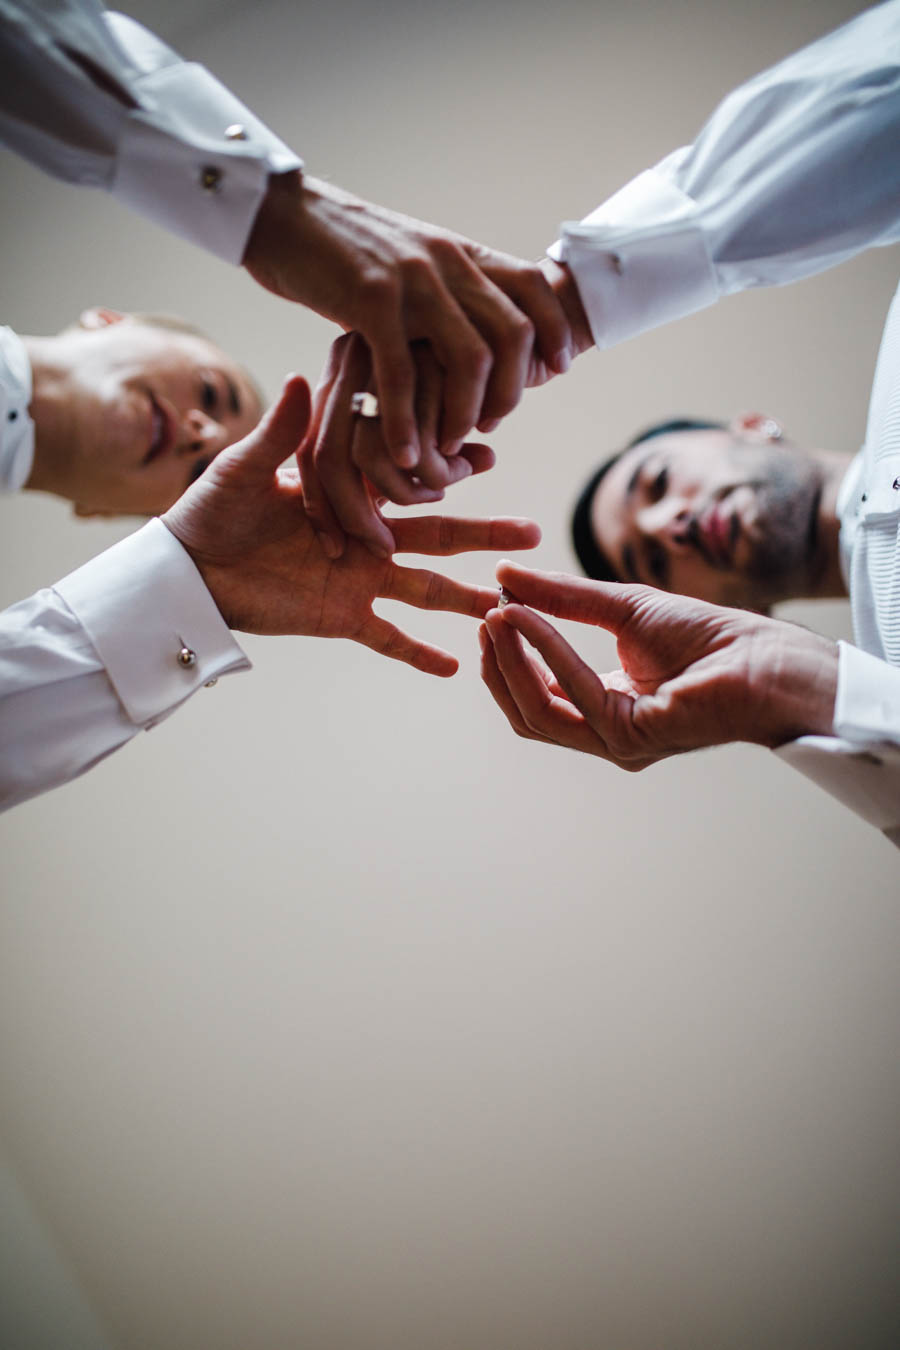 casamento gerês noivos colocando os anéis de noivado antes da cerimónia vista de baixo